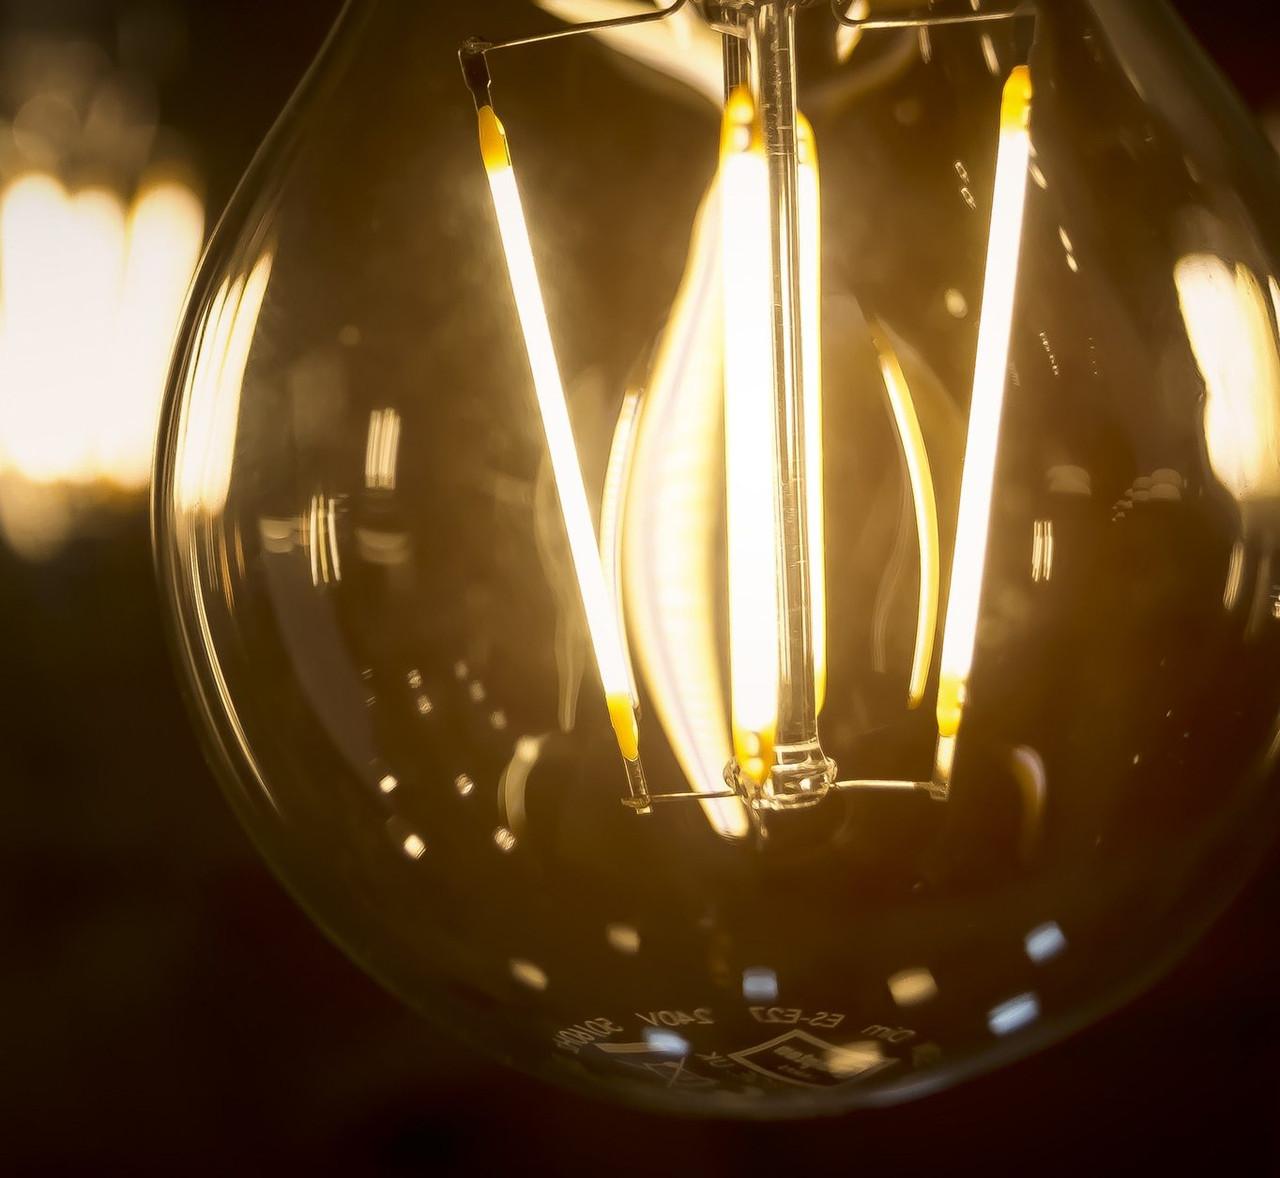 LED GLS Cool White Light Bulbs